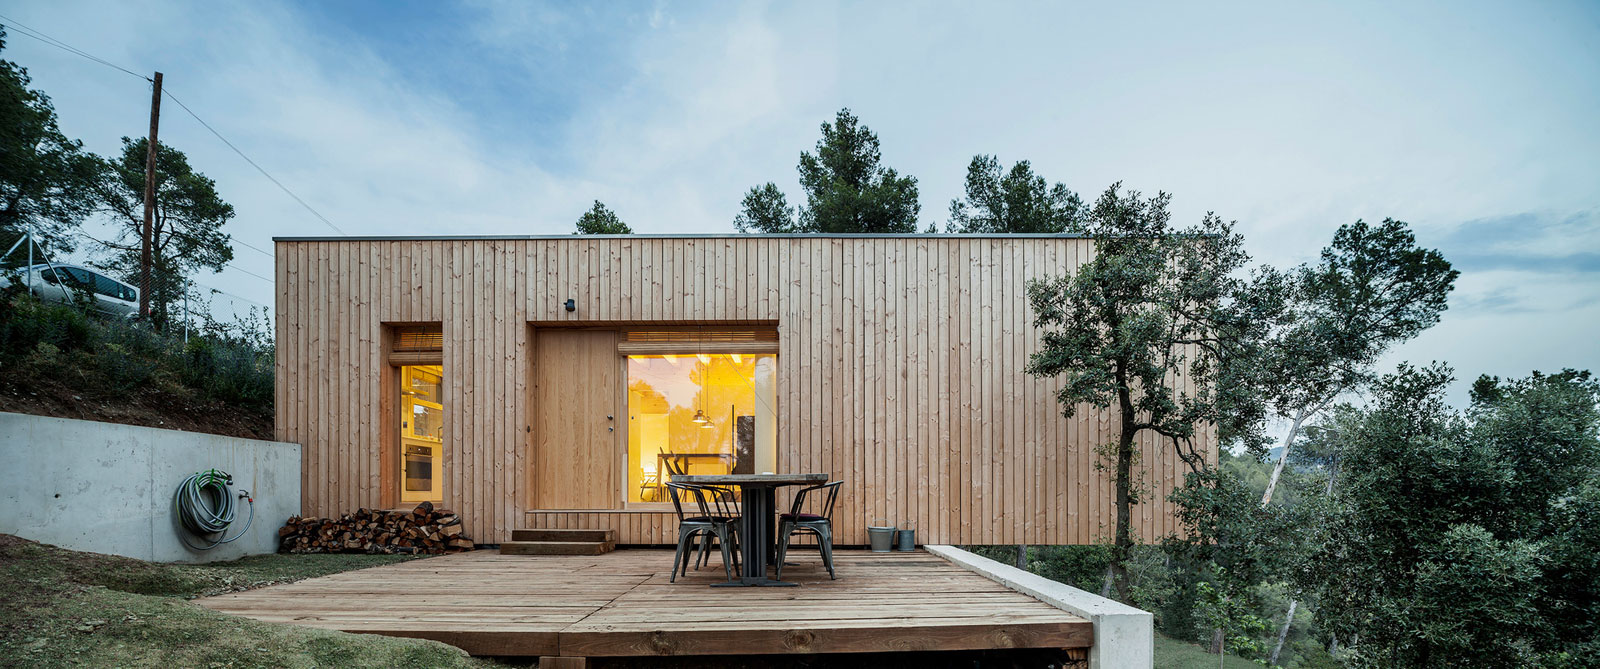 Casa LLP / Alventosa Morell (11)